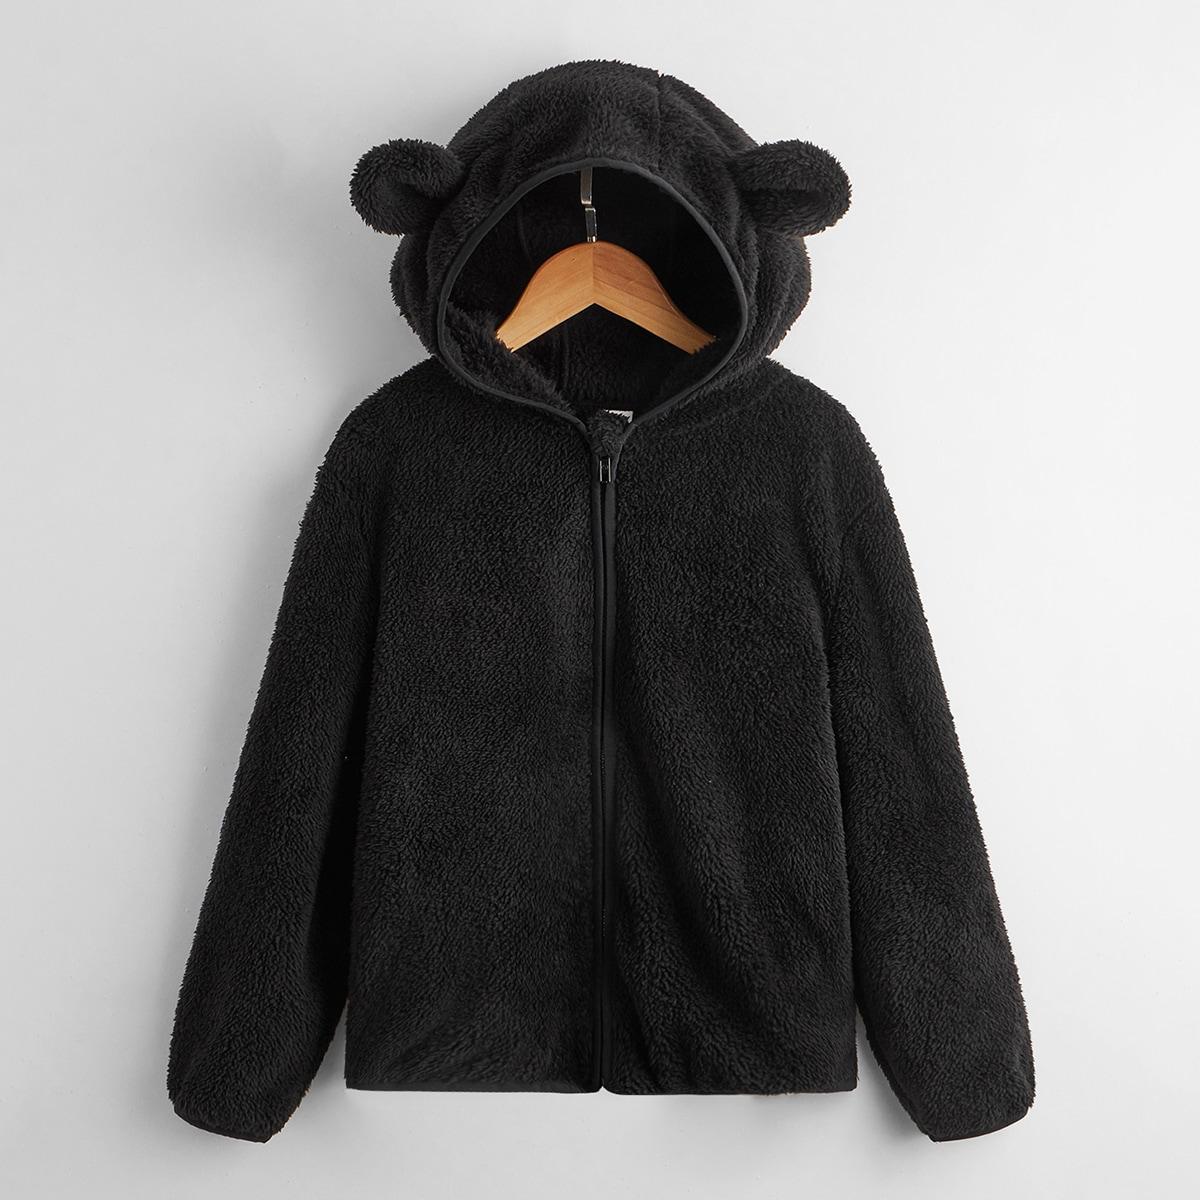 Boys Flannel 3D Bear Ear Zip Up Jacket